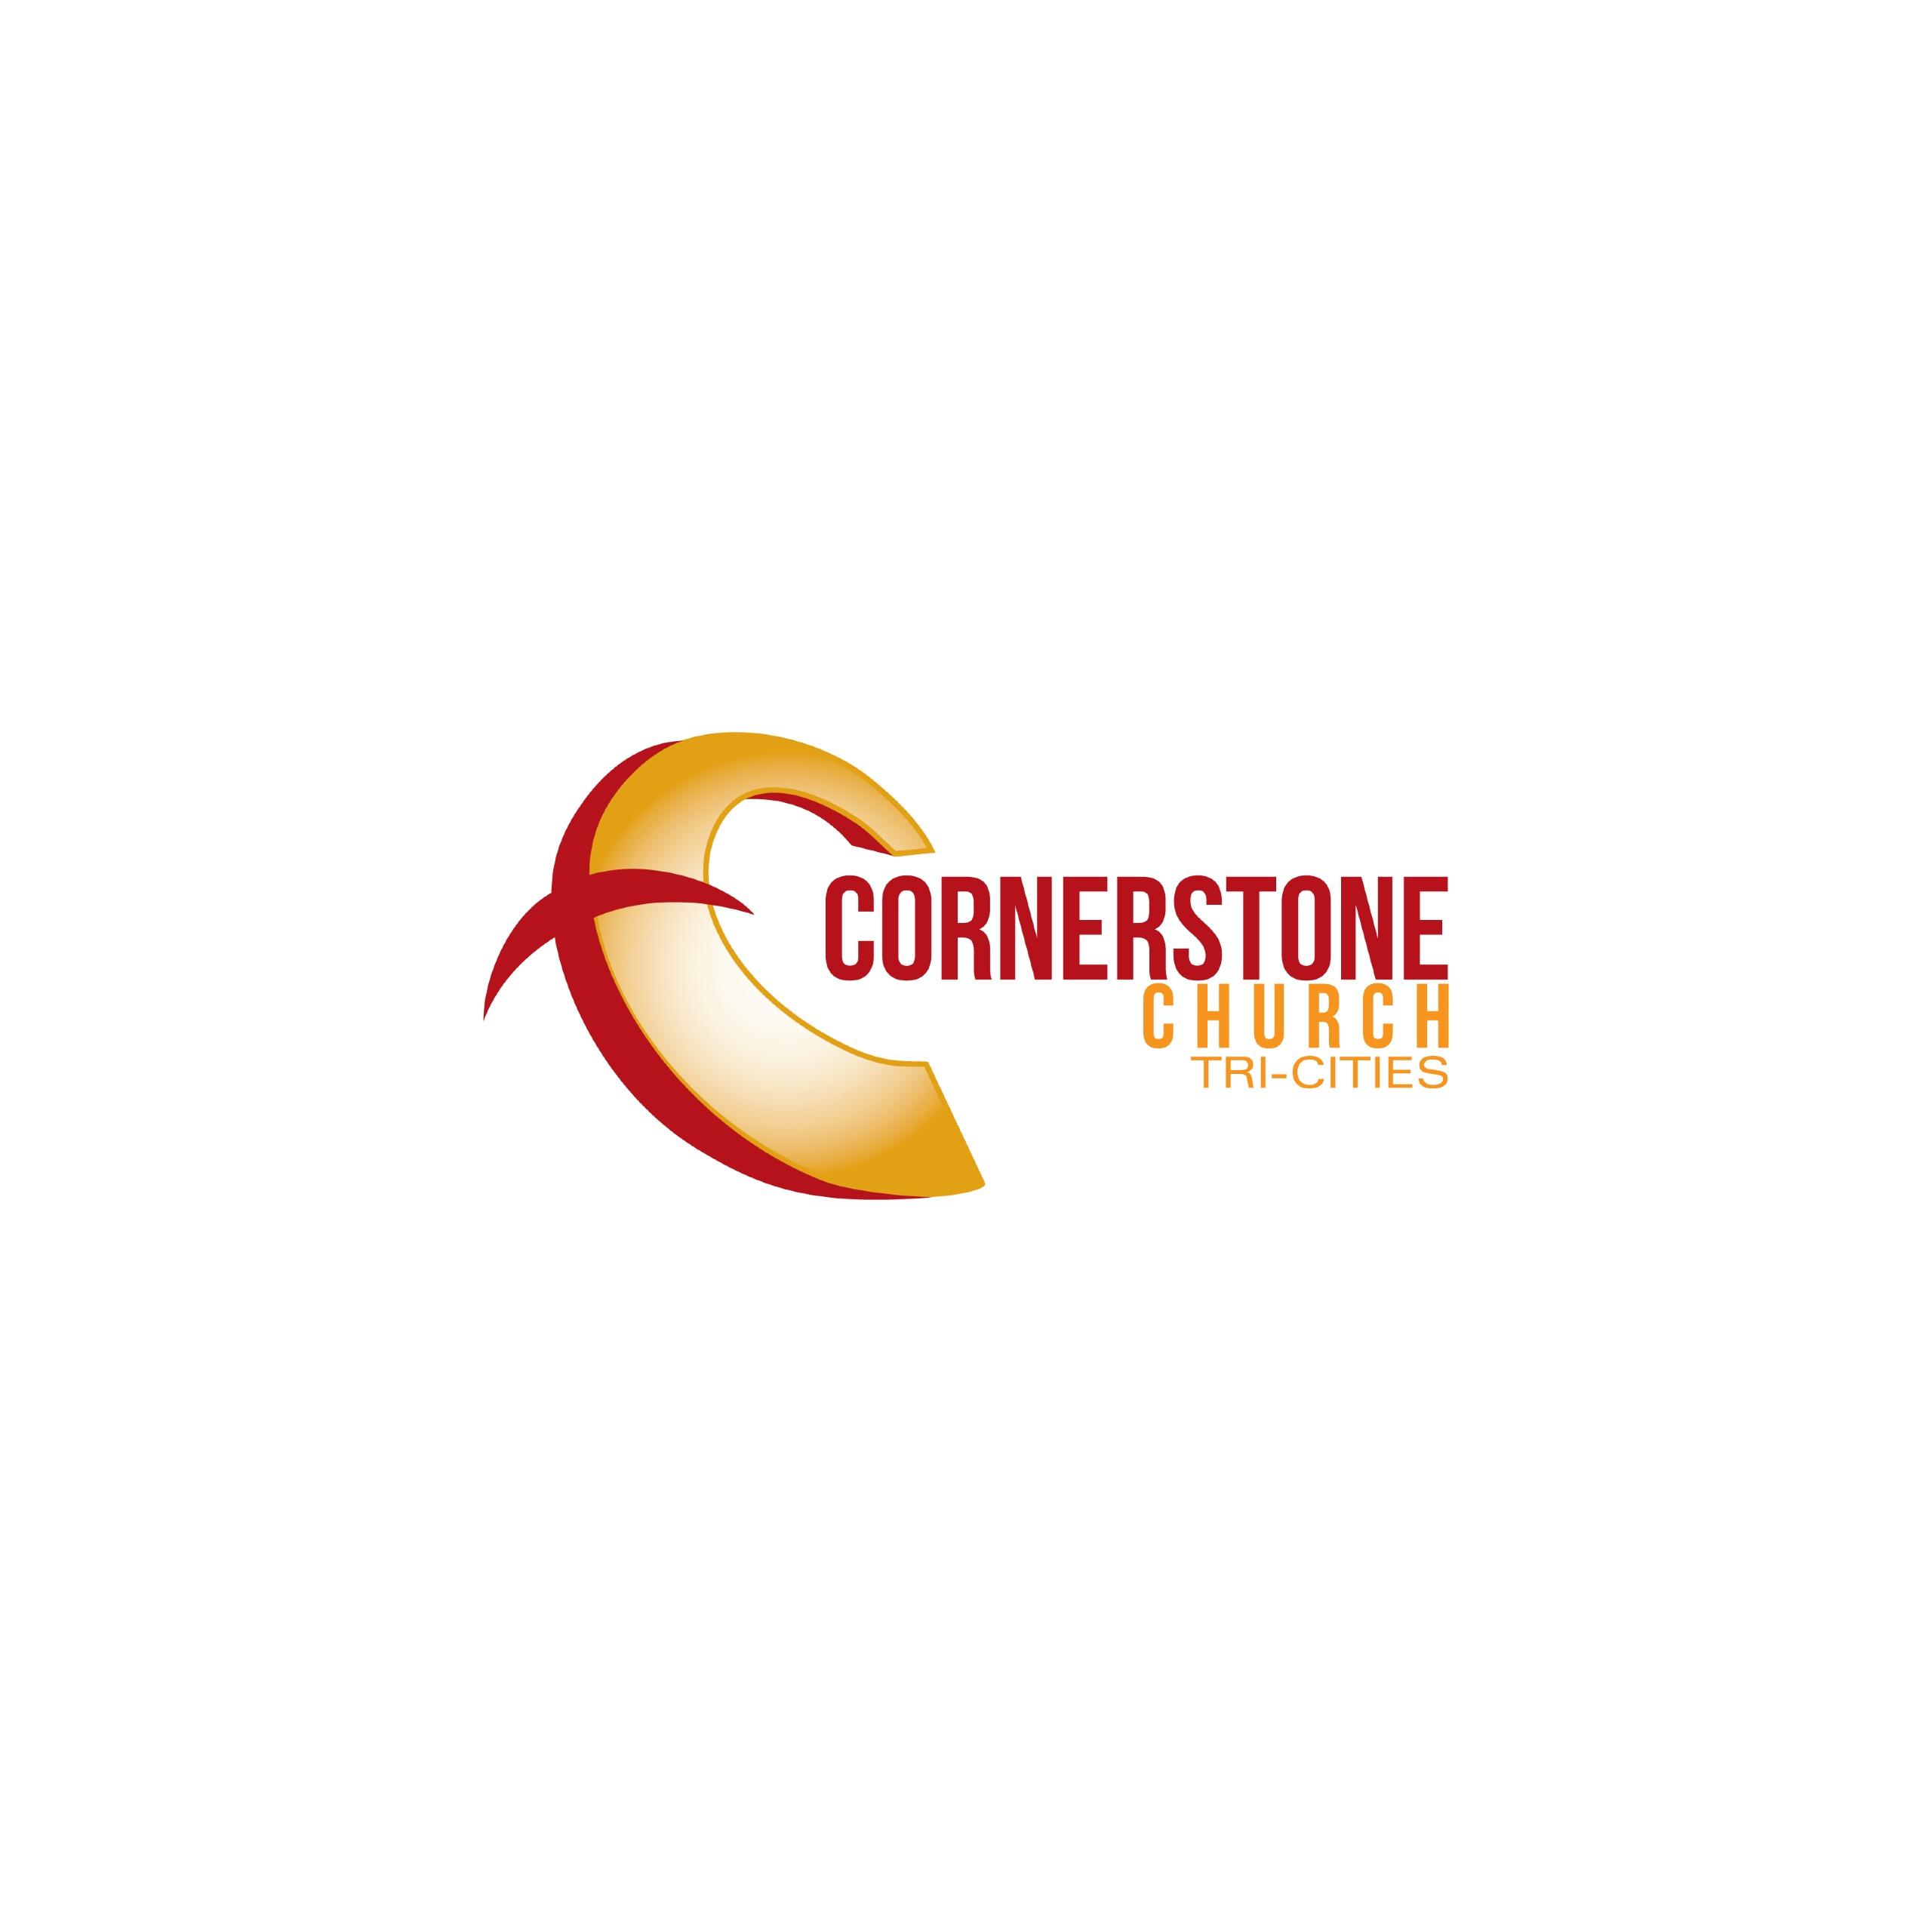 Cornerstone Church Tri